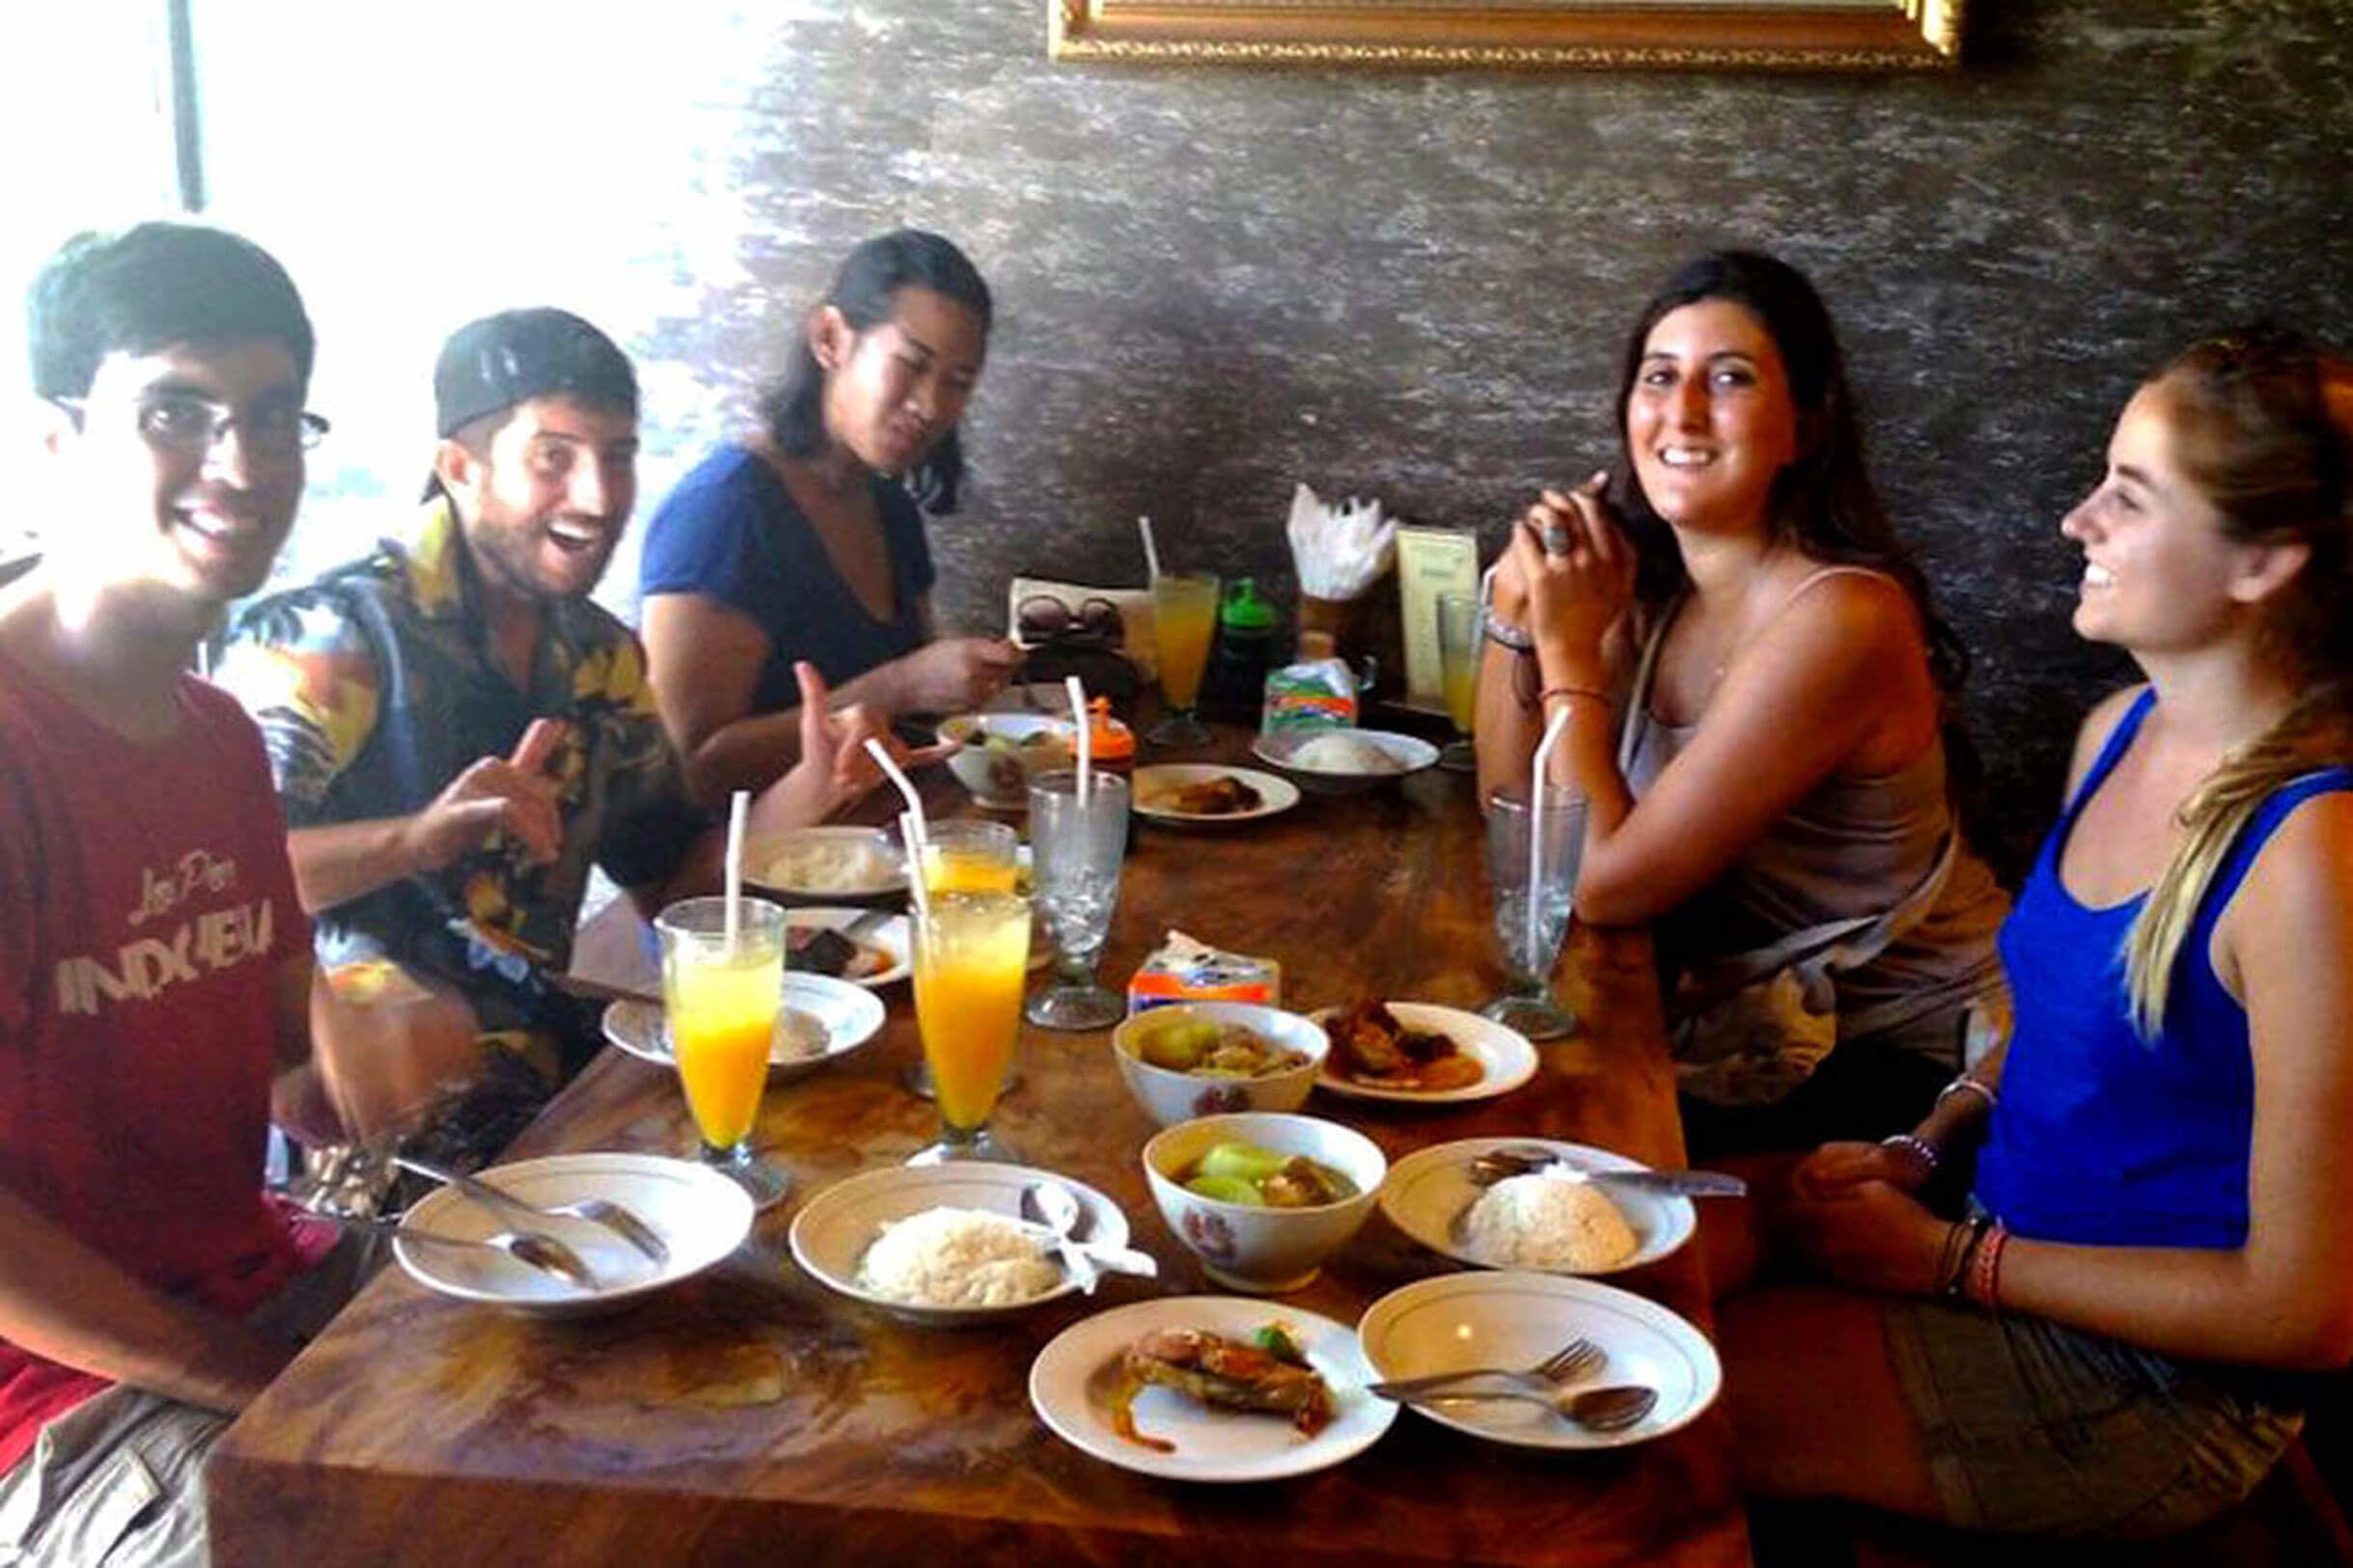 ubud heritage food tour4.jpg